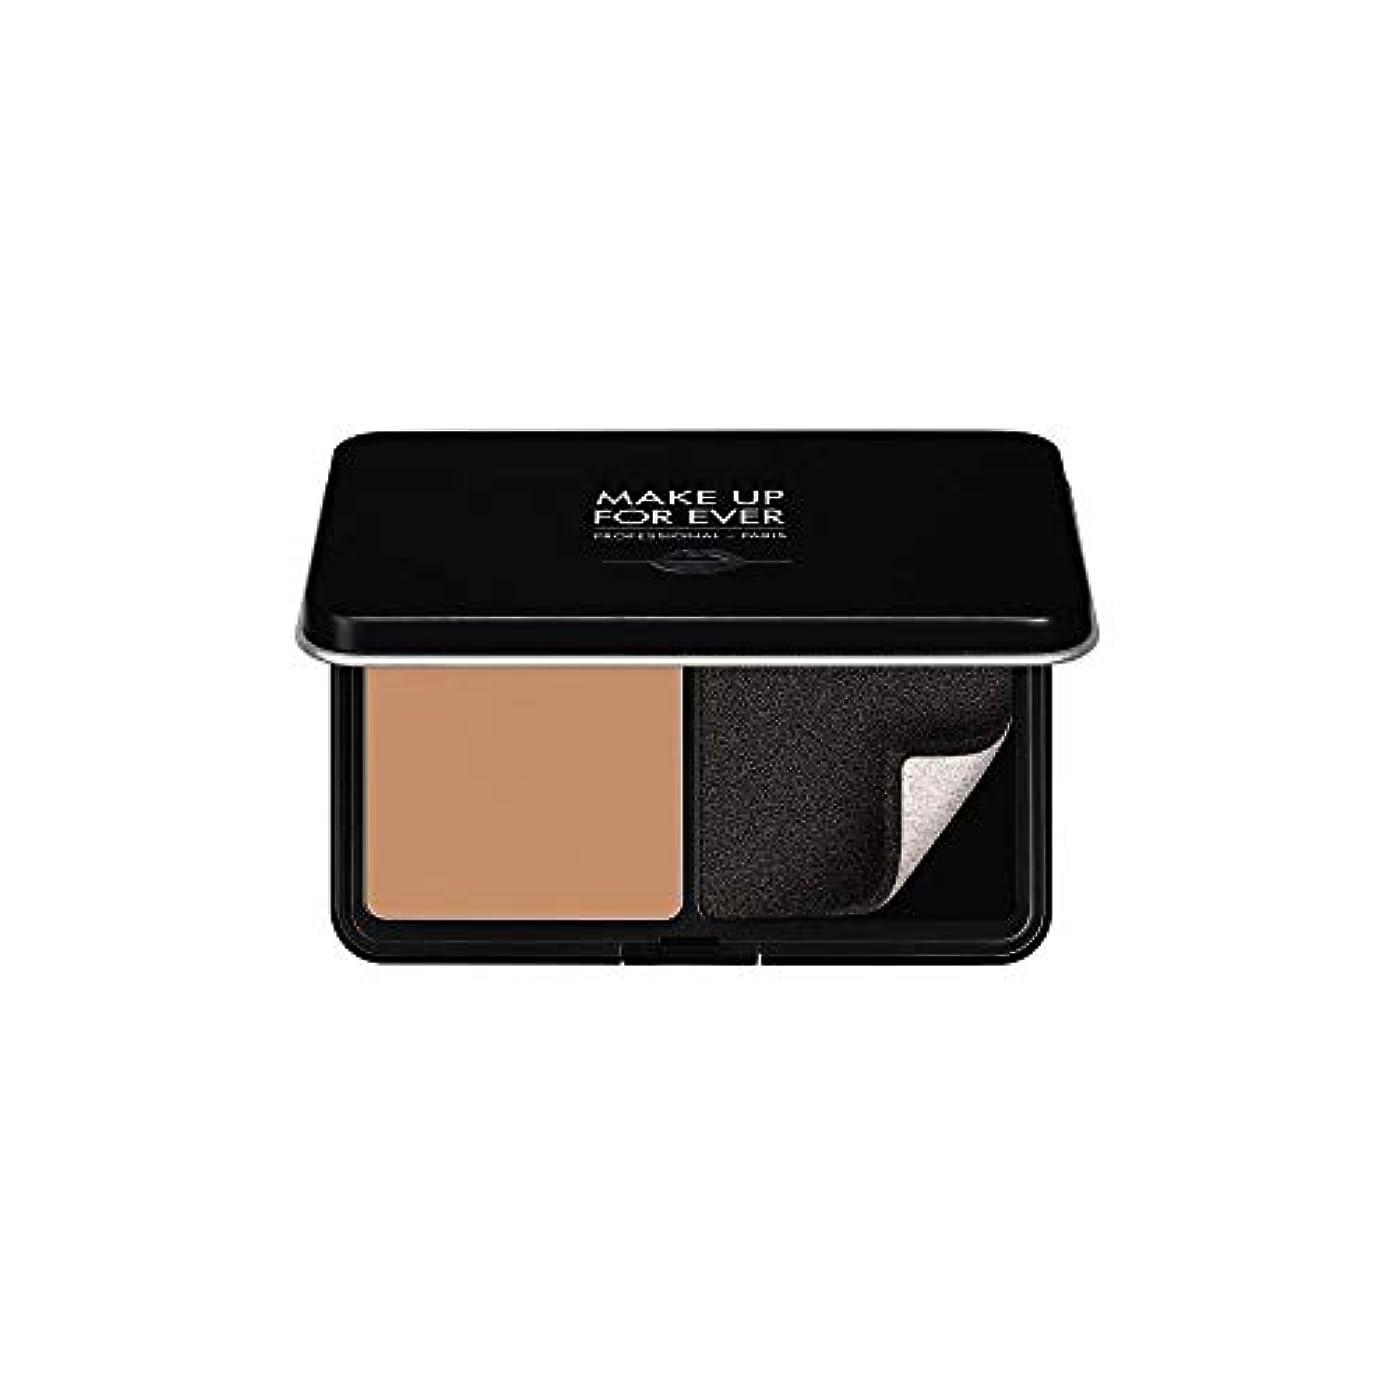 伝染性延ばす解き明かすメイクアップフォーエバー Matte Velvet Skin Blurring Powder Foundation - # R410 (Golden Beige) 11g/0.38oz並行輸入品